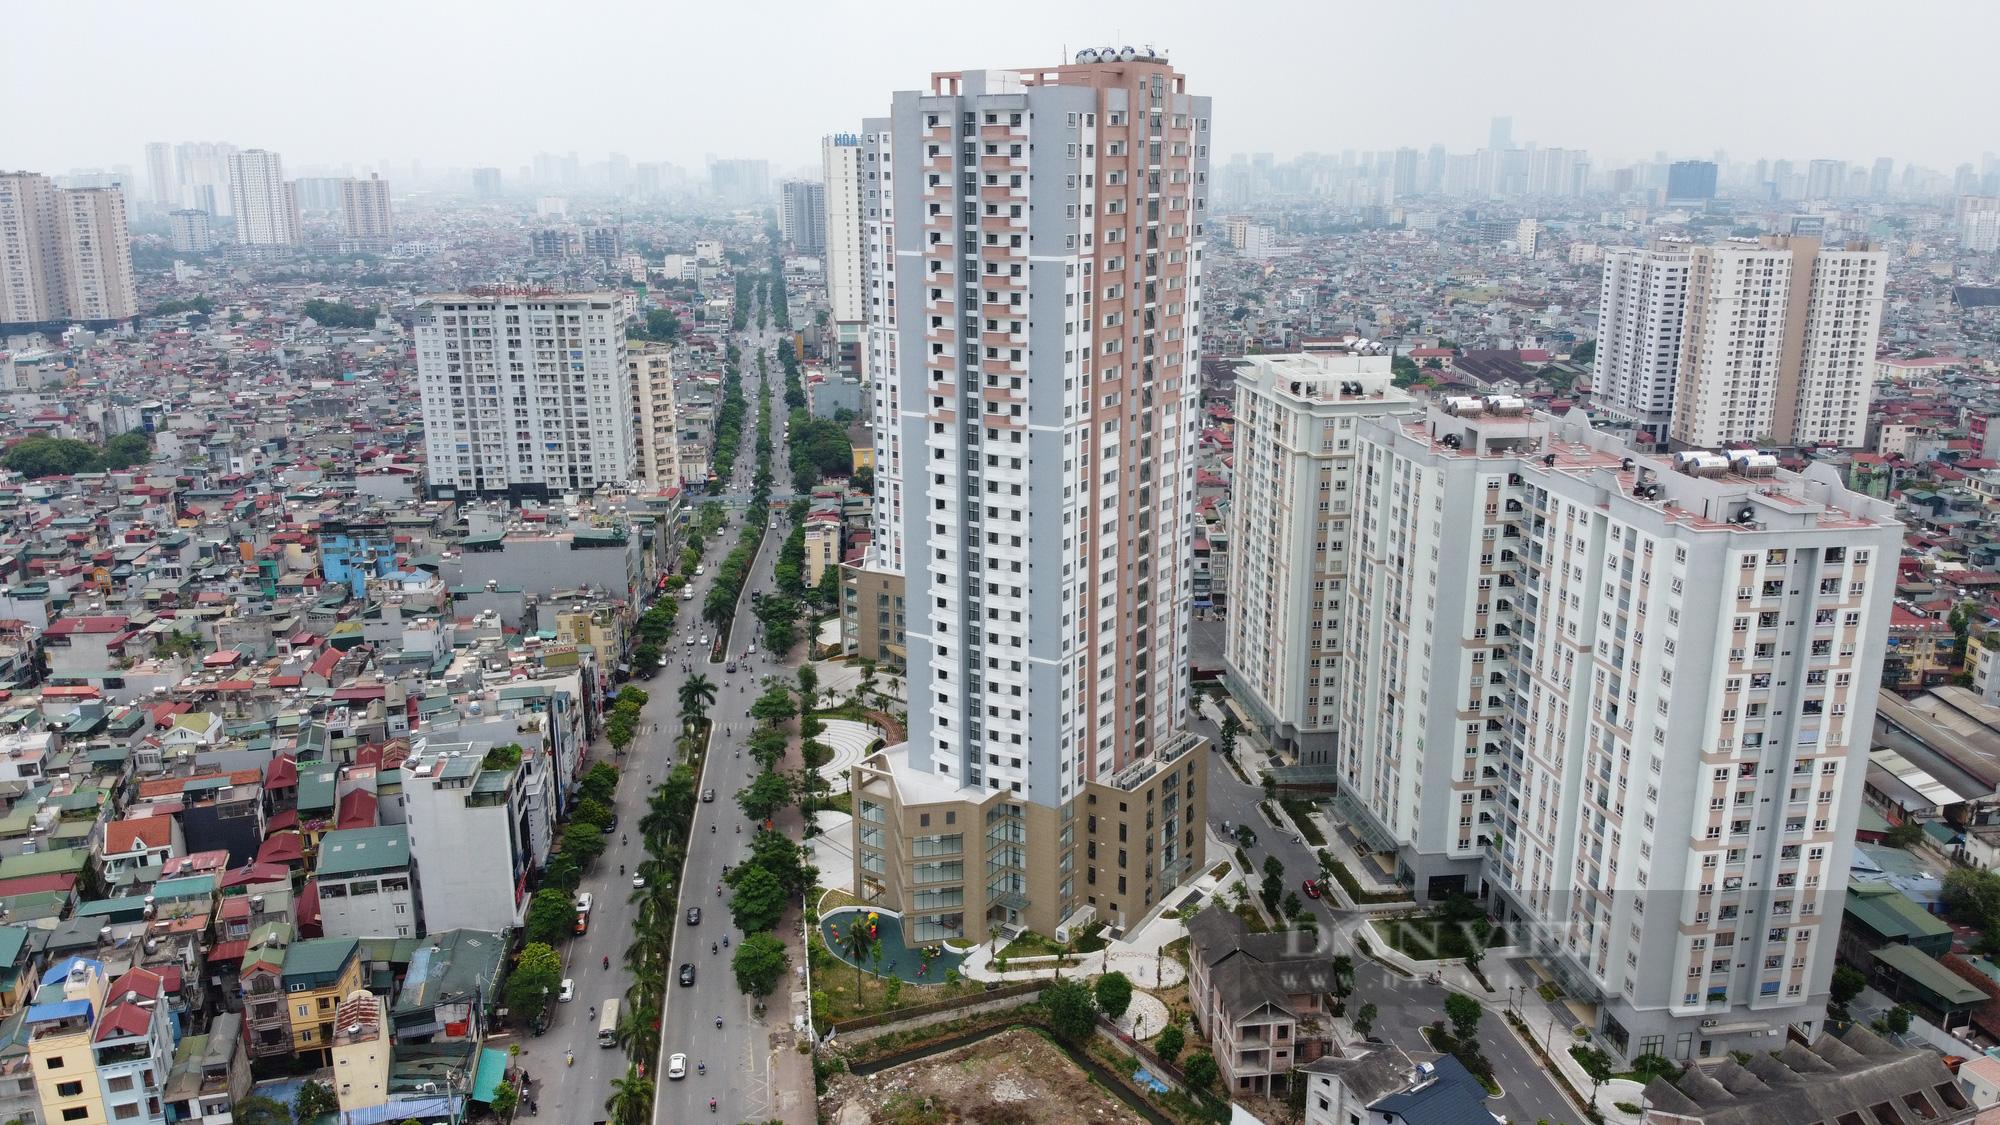 Làm nhà ở thương mại giá dưới 20 triệu đồng/m2 vẫn khó - Ảnh 1.